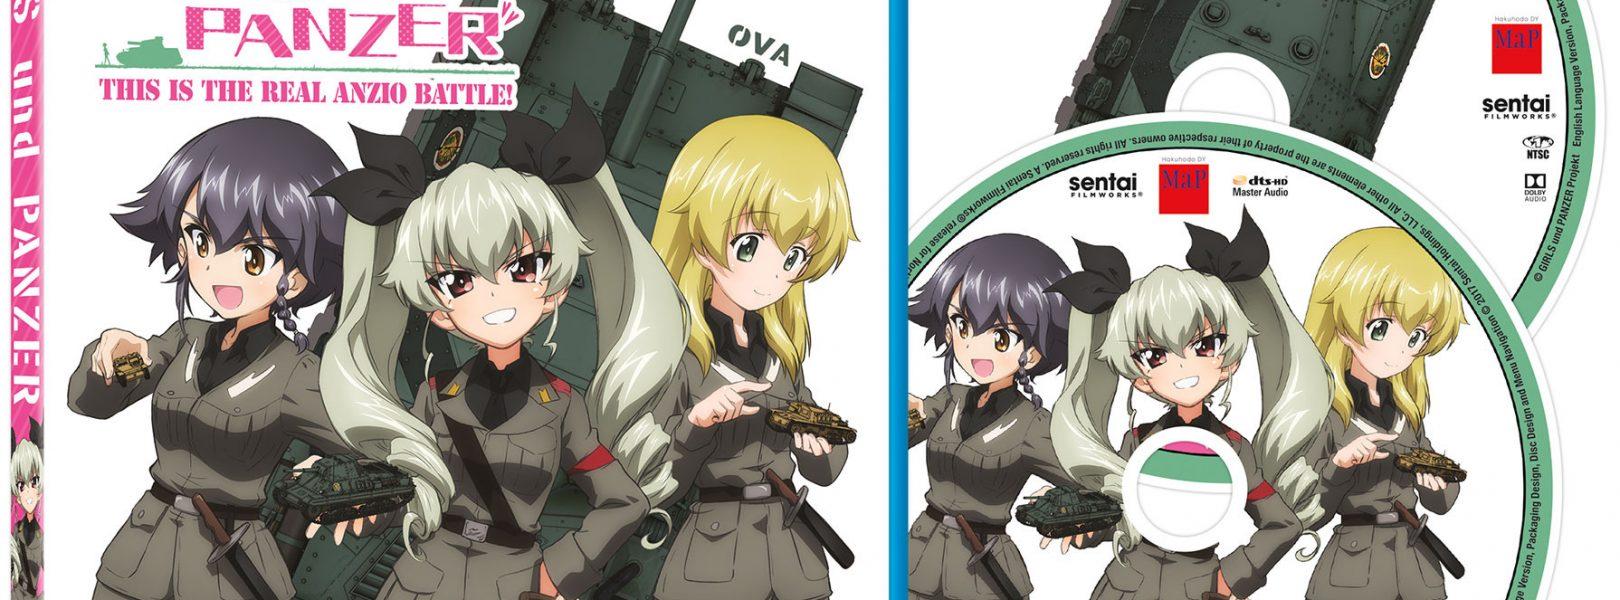 girls und panzer eng dub